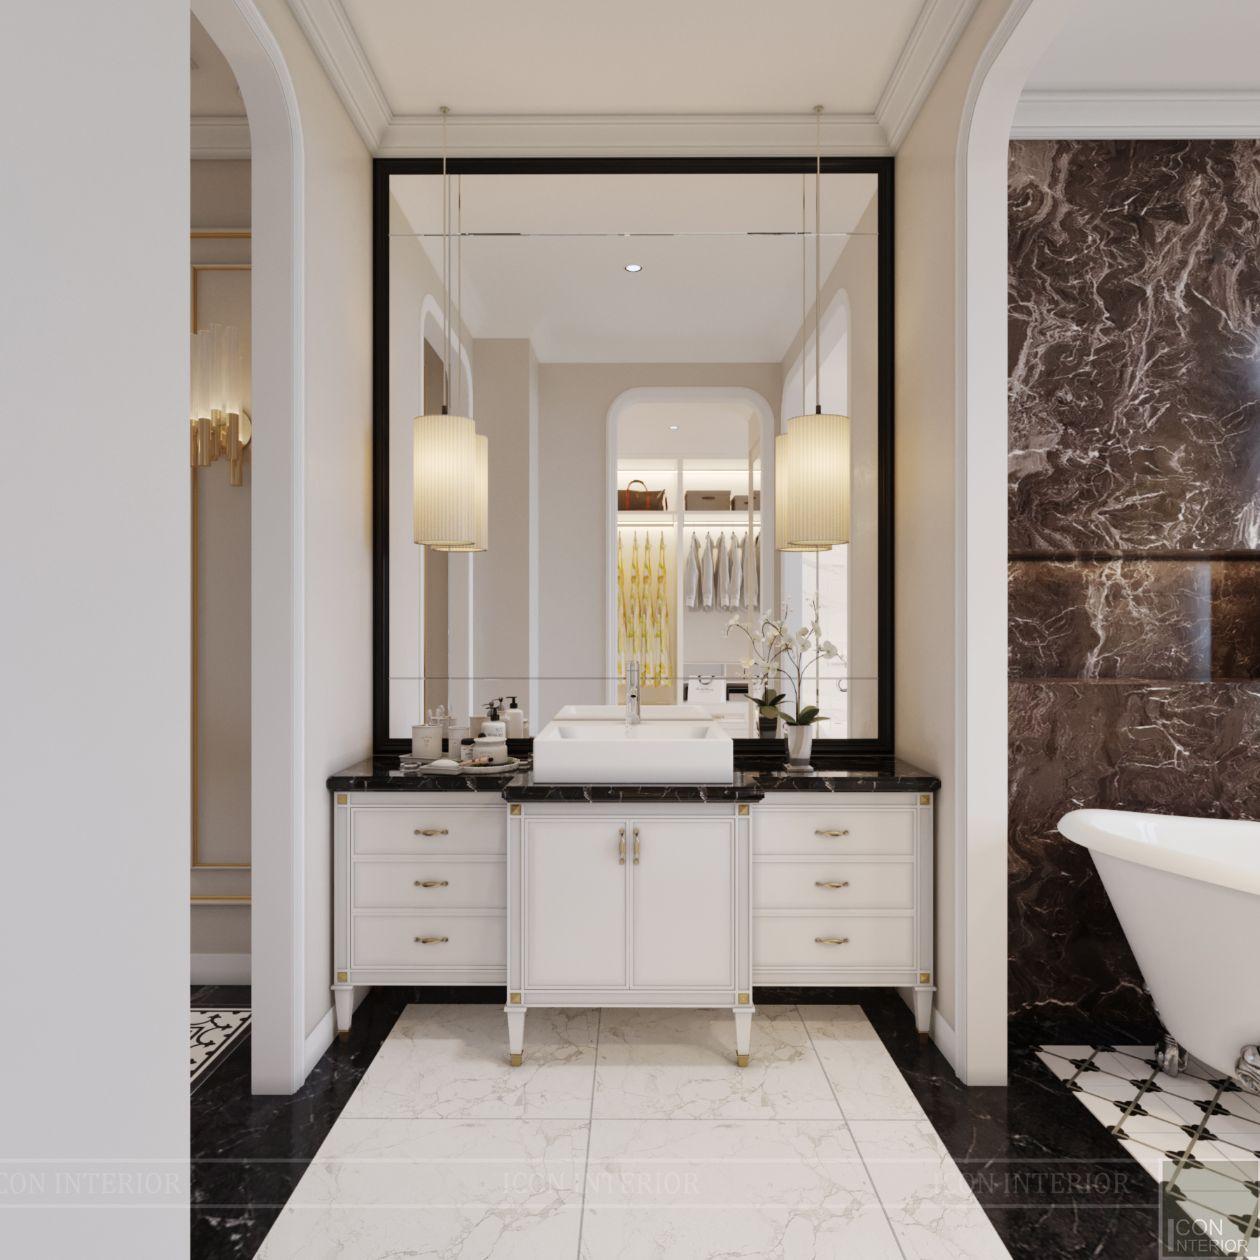 thiết kế biệt thự lavila nam sài gòn - phòng tắm 4